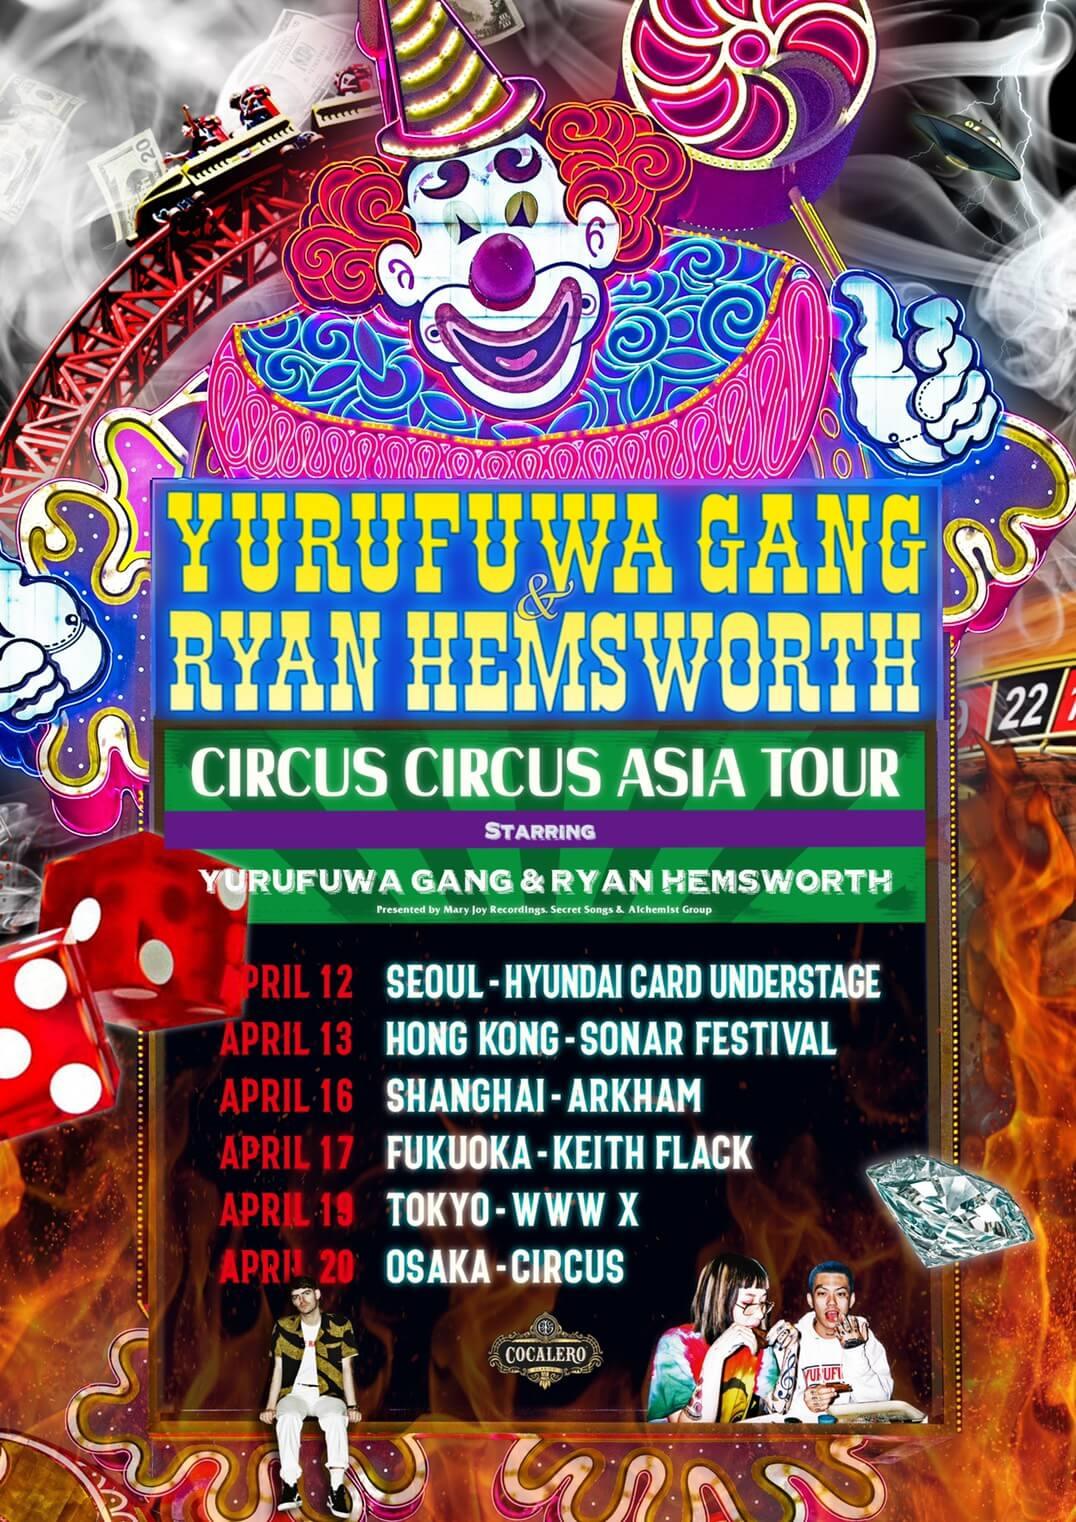 ゆるふわギャング、ライアン・ヘムズワースとのコラボ曲「Fresh All Day」を配信リリース&MVも公開 アジアツアーも発表 music190313_yurufuwagang_3